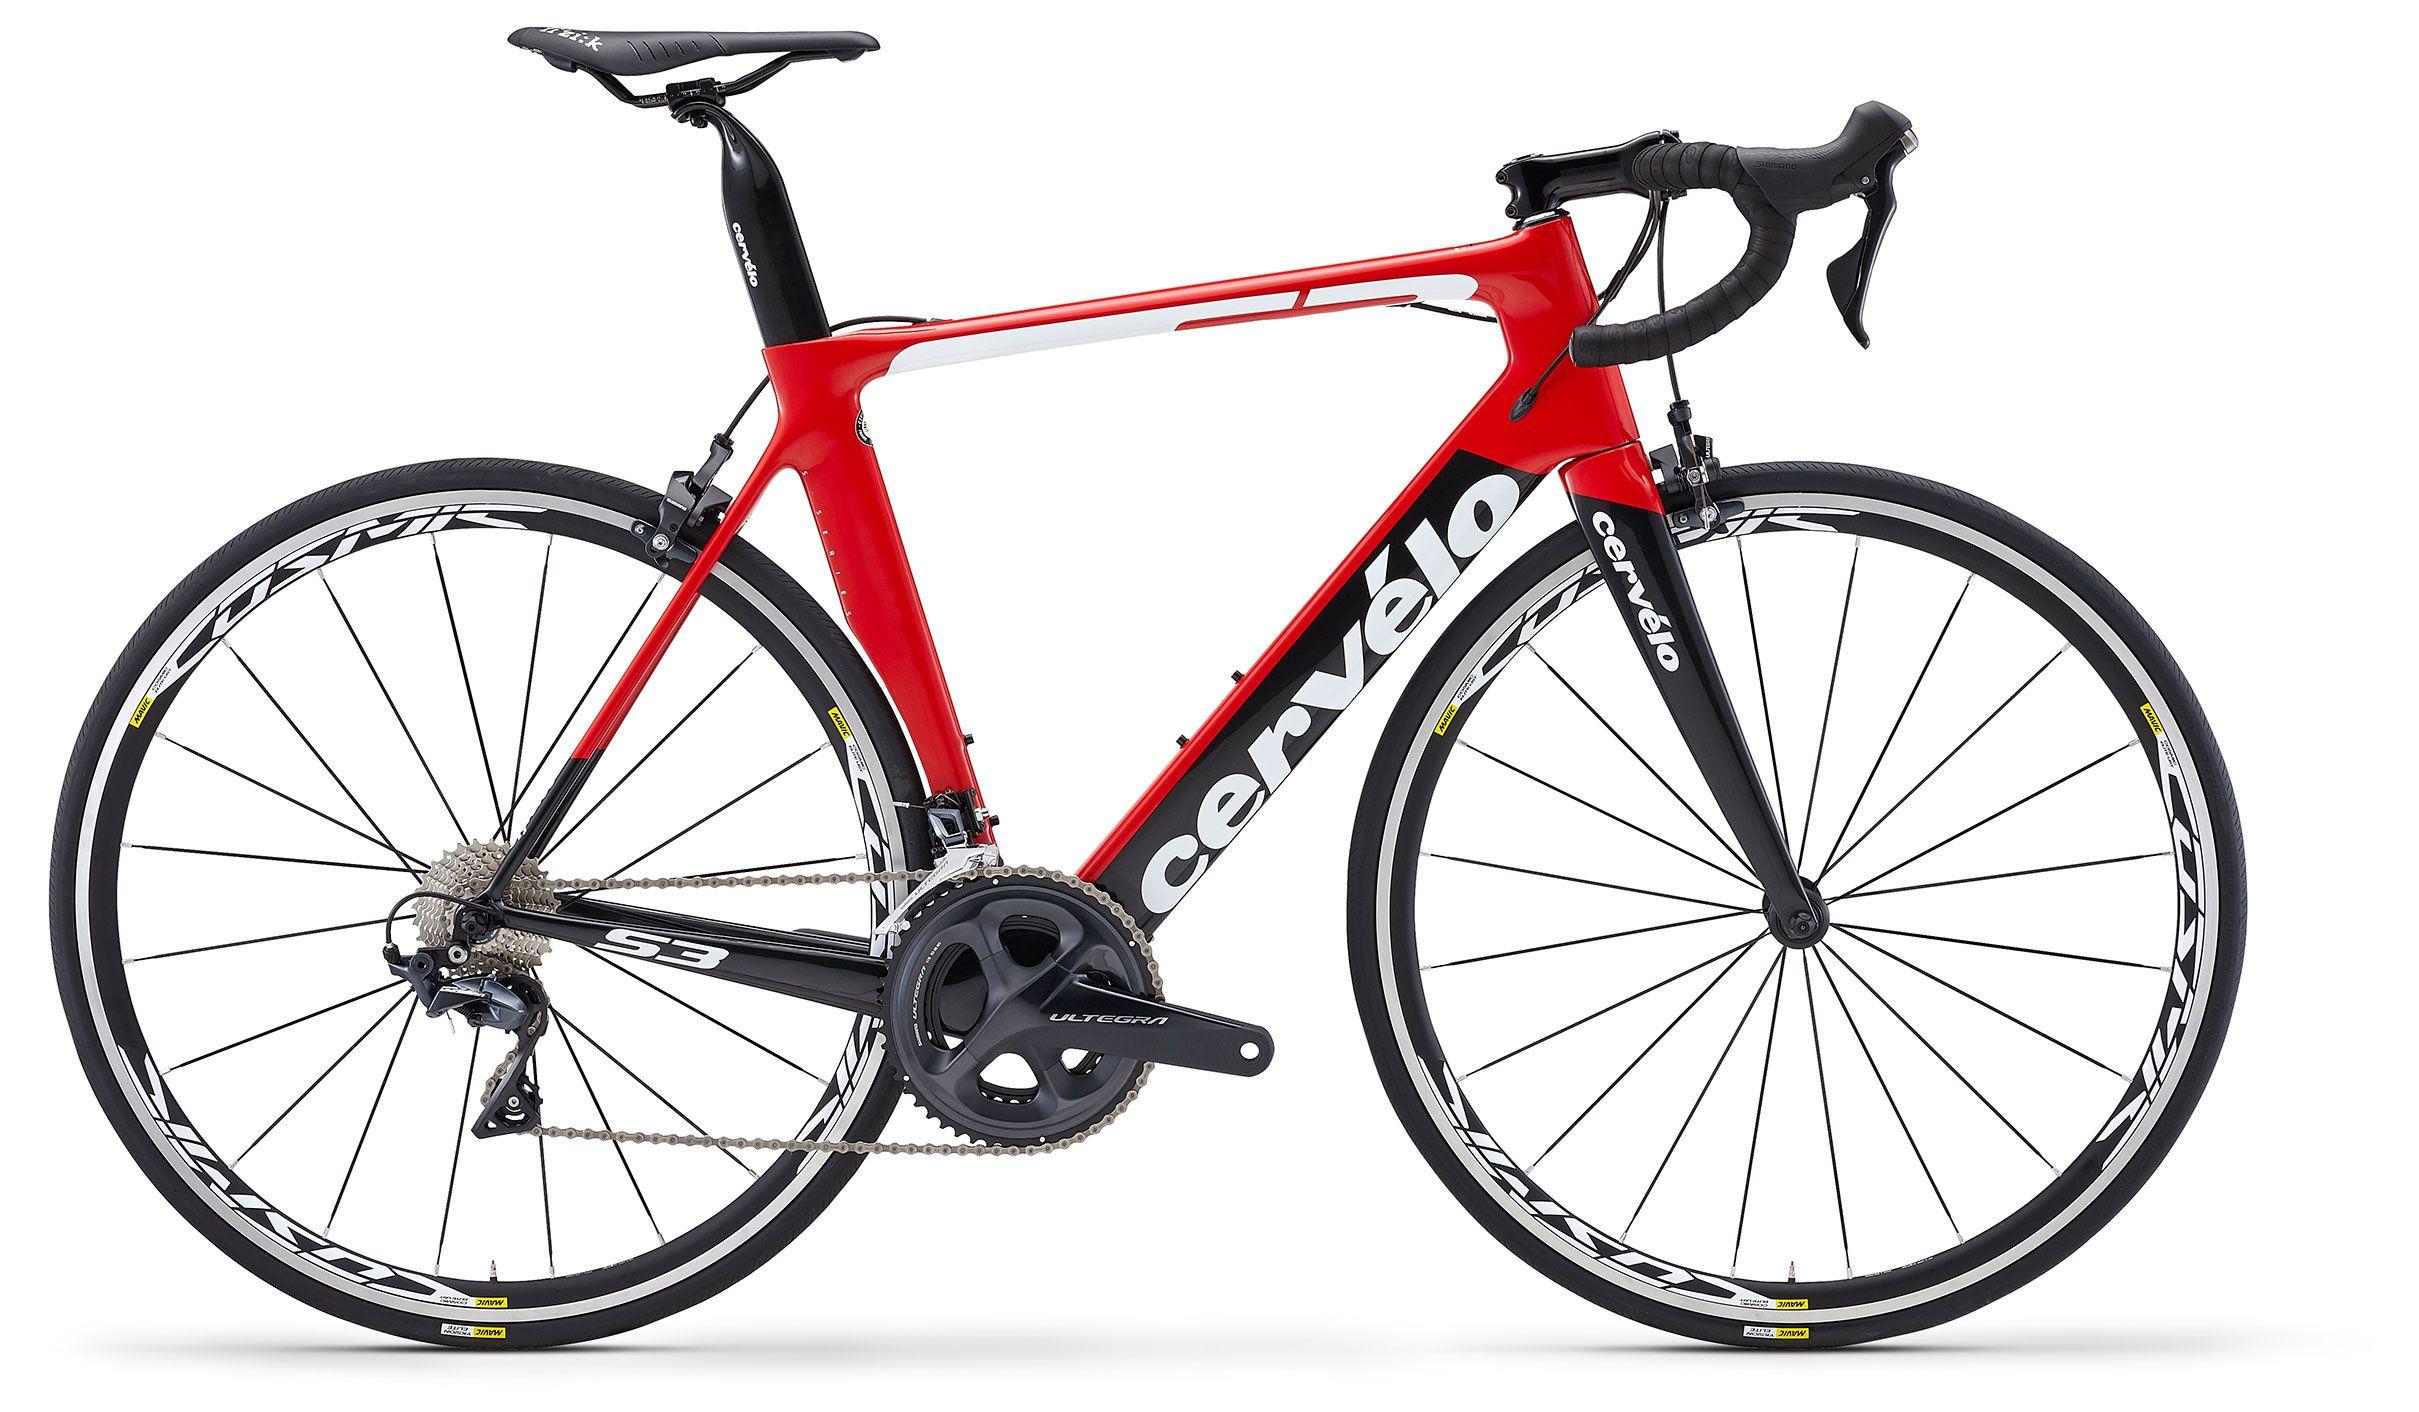 Велосипед Cervelo S3 Ultegra 2018 велосипед cervelo s3 ultegra 2018